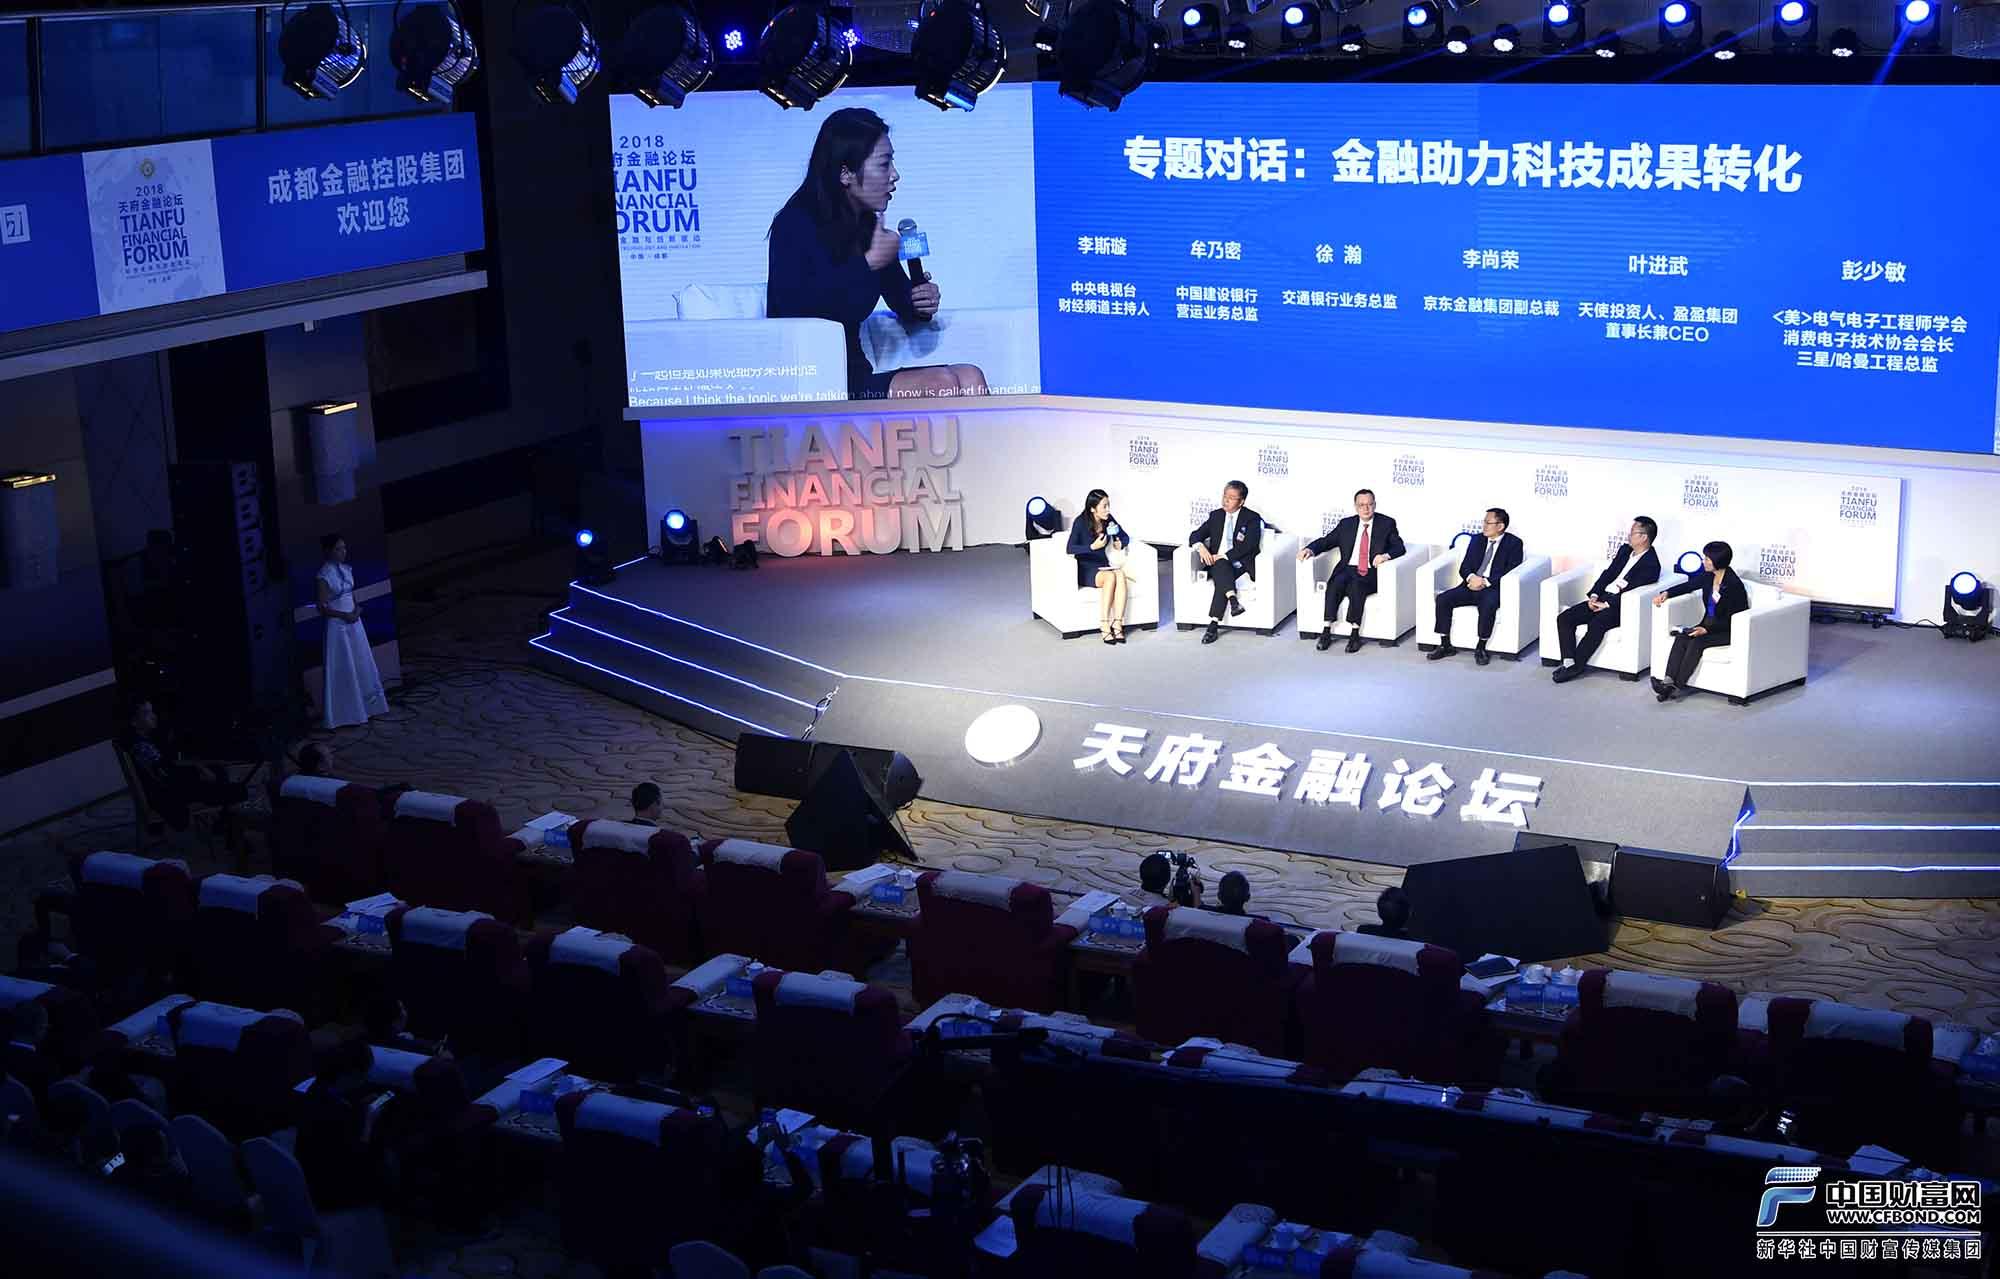 专题对话:金融助力科技成果转化